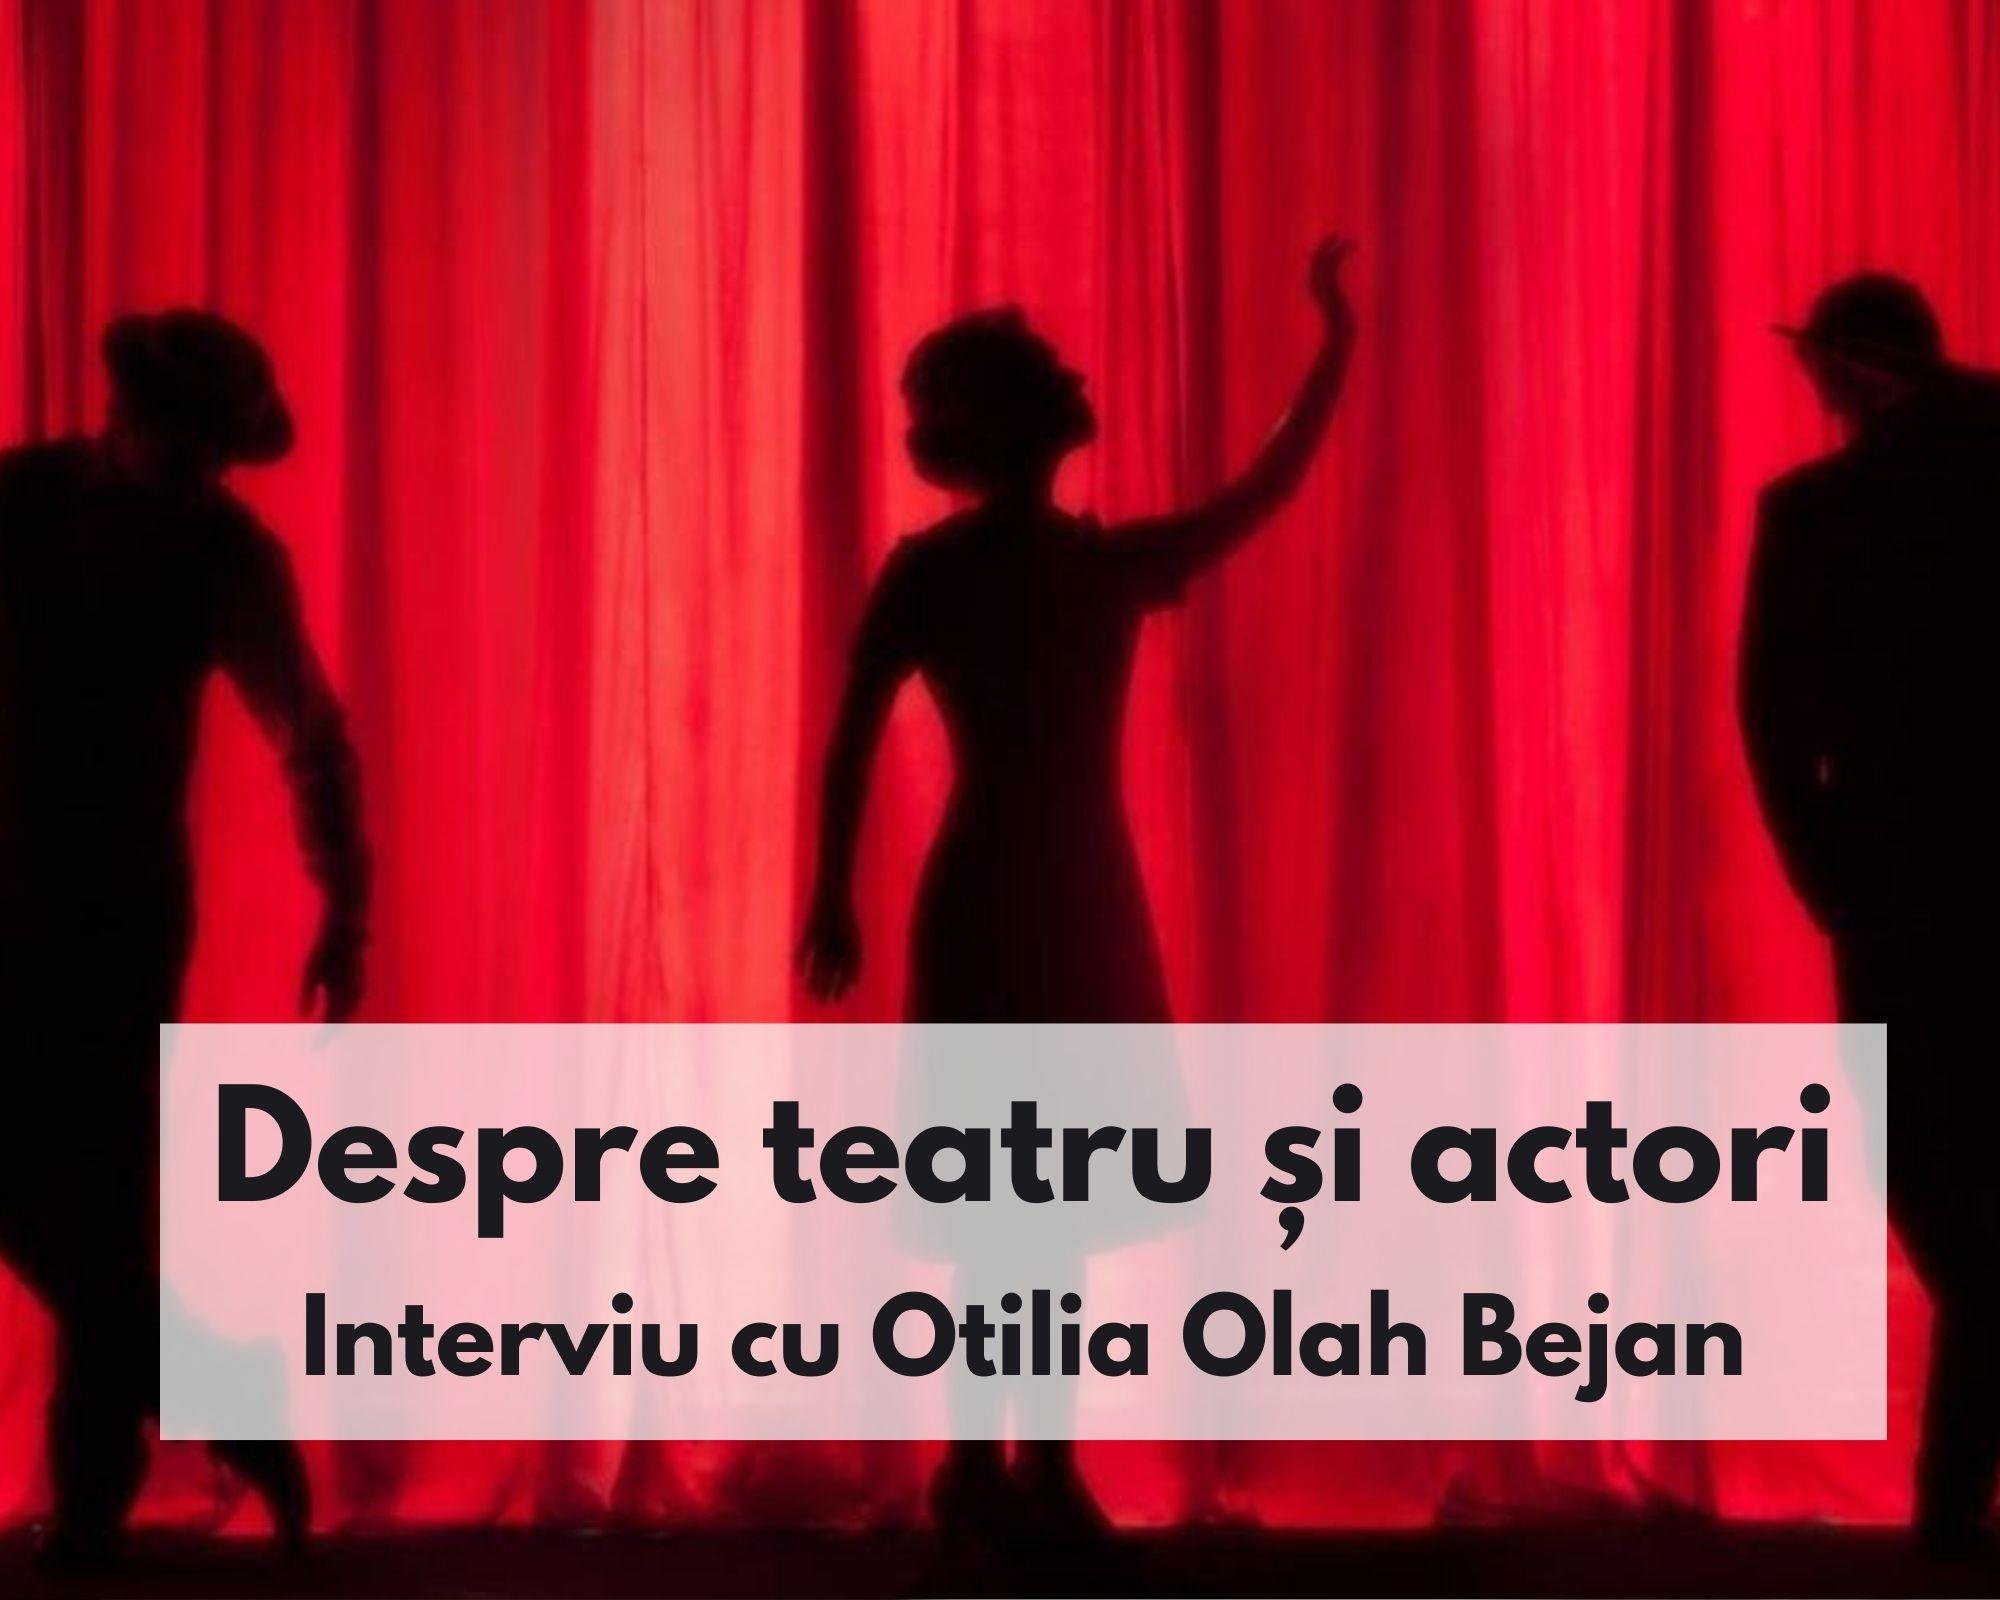 """Interviu cu Otilia Olah Bejan: """"Drumul unui actor este frumos, și în același timp dezarmant... La final răman aplauzele."""""""